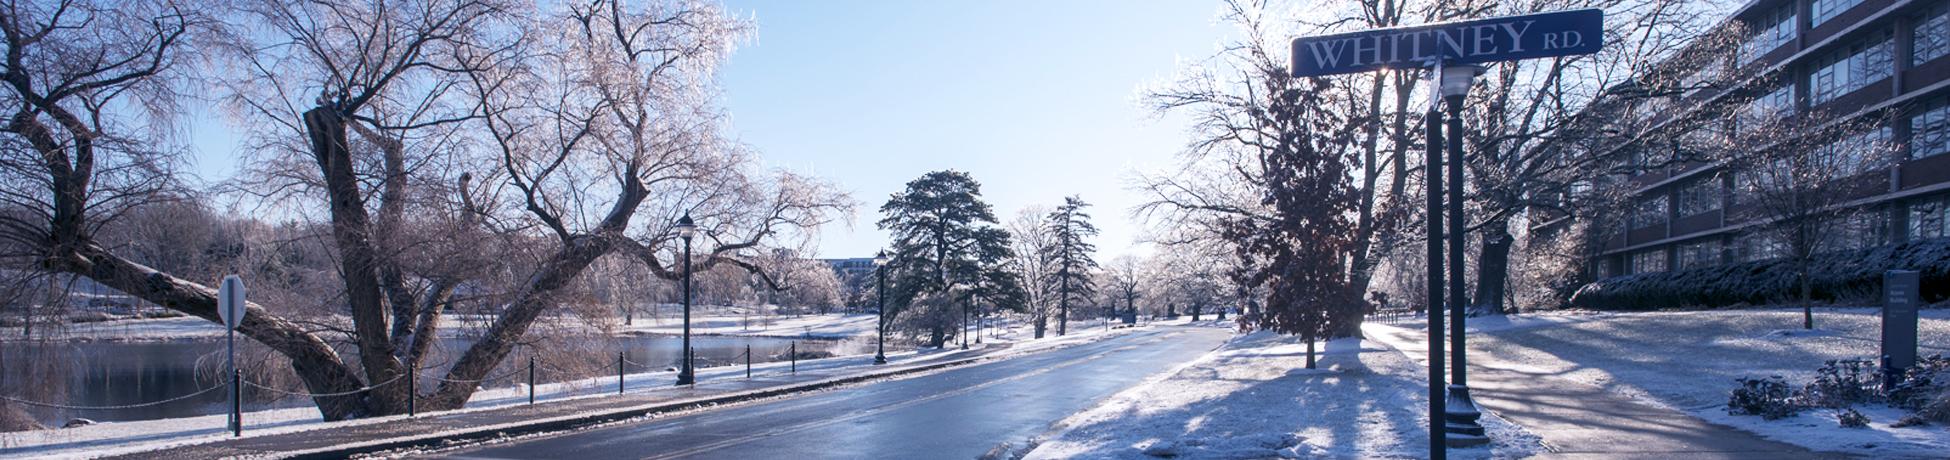 snowy uconn road